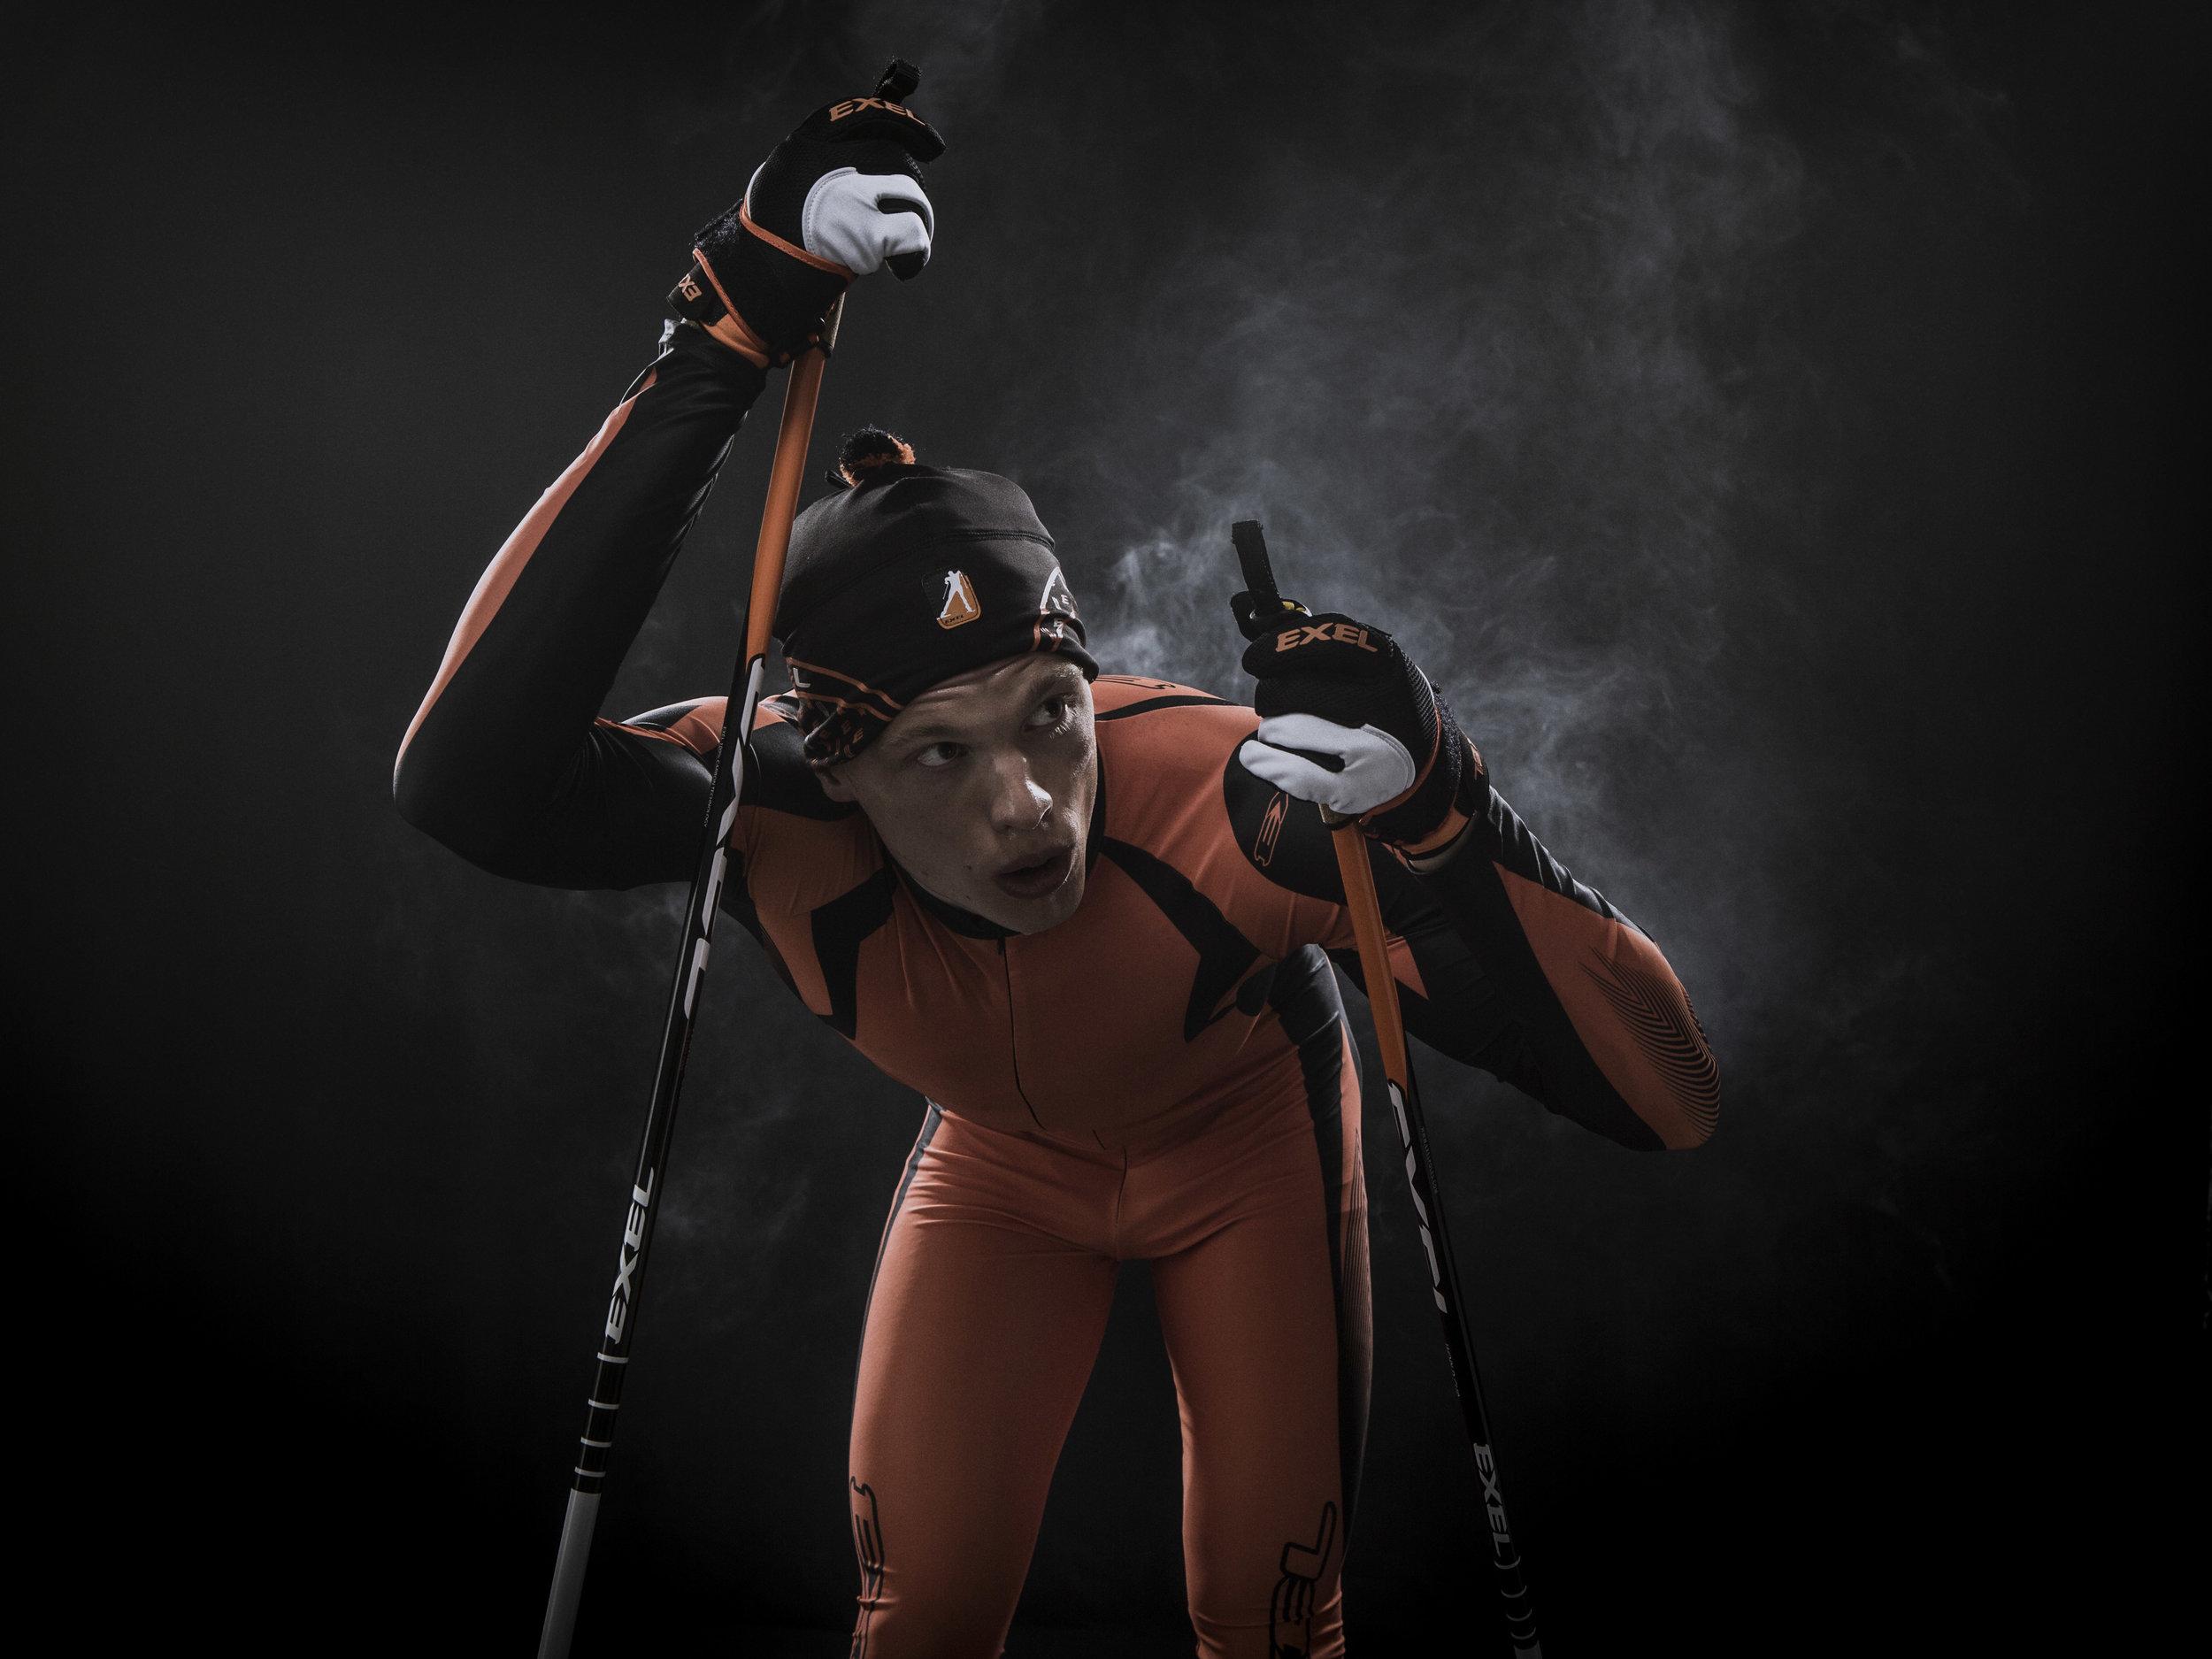 Exel_skiing2.jpg